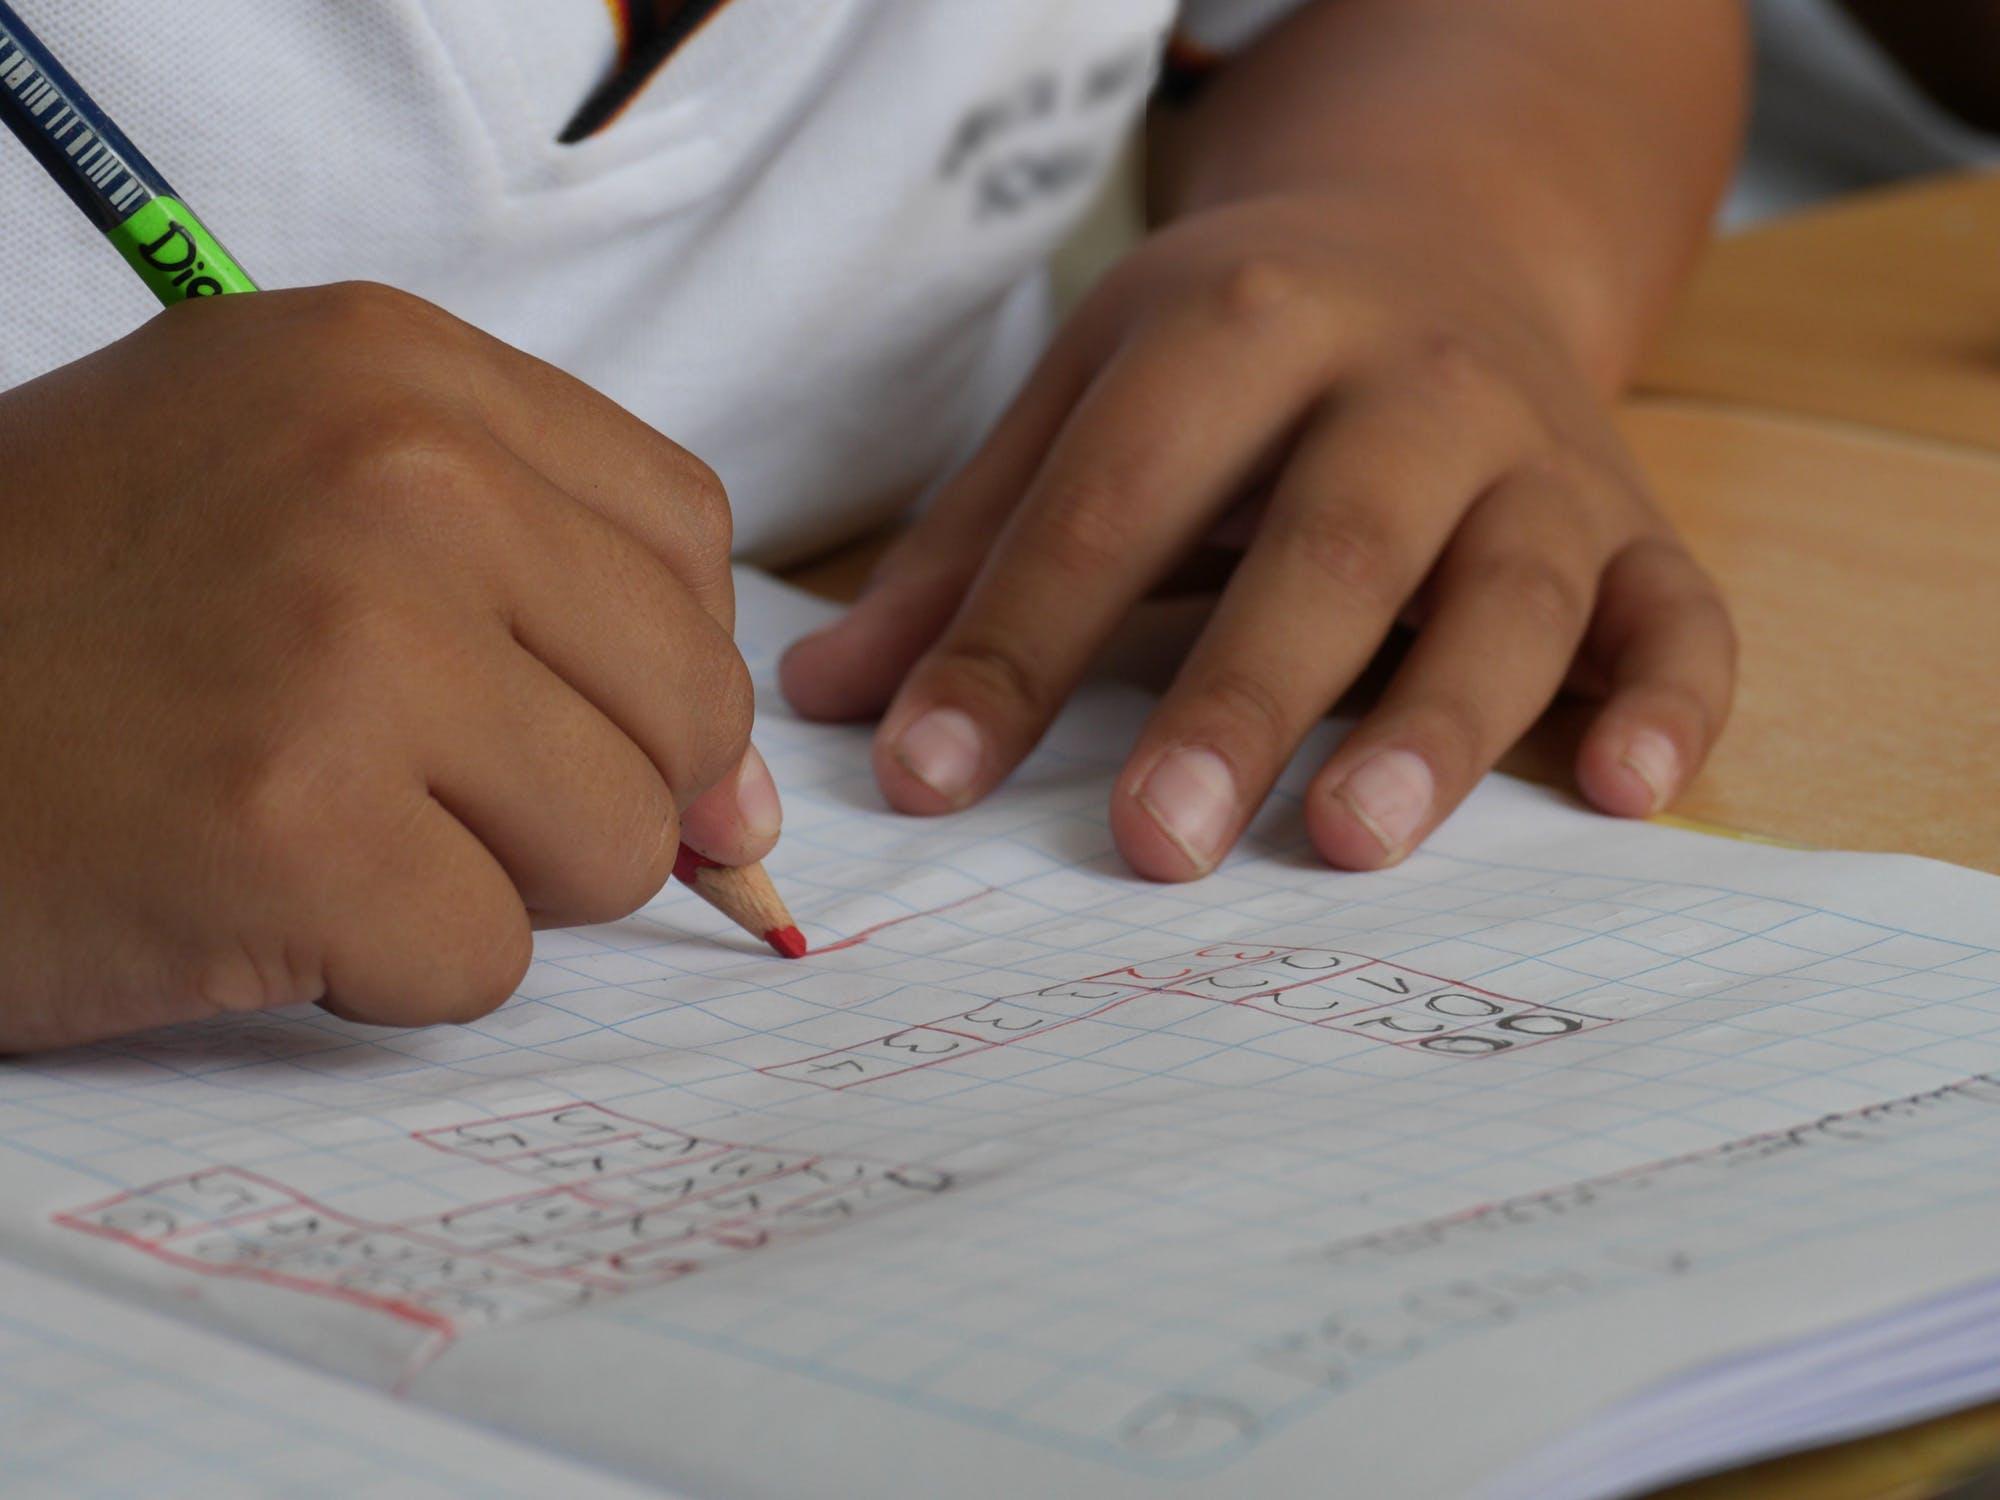 Aflarea termenului necunoscut – Matematica si explorarea mediului clasa a II-a